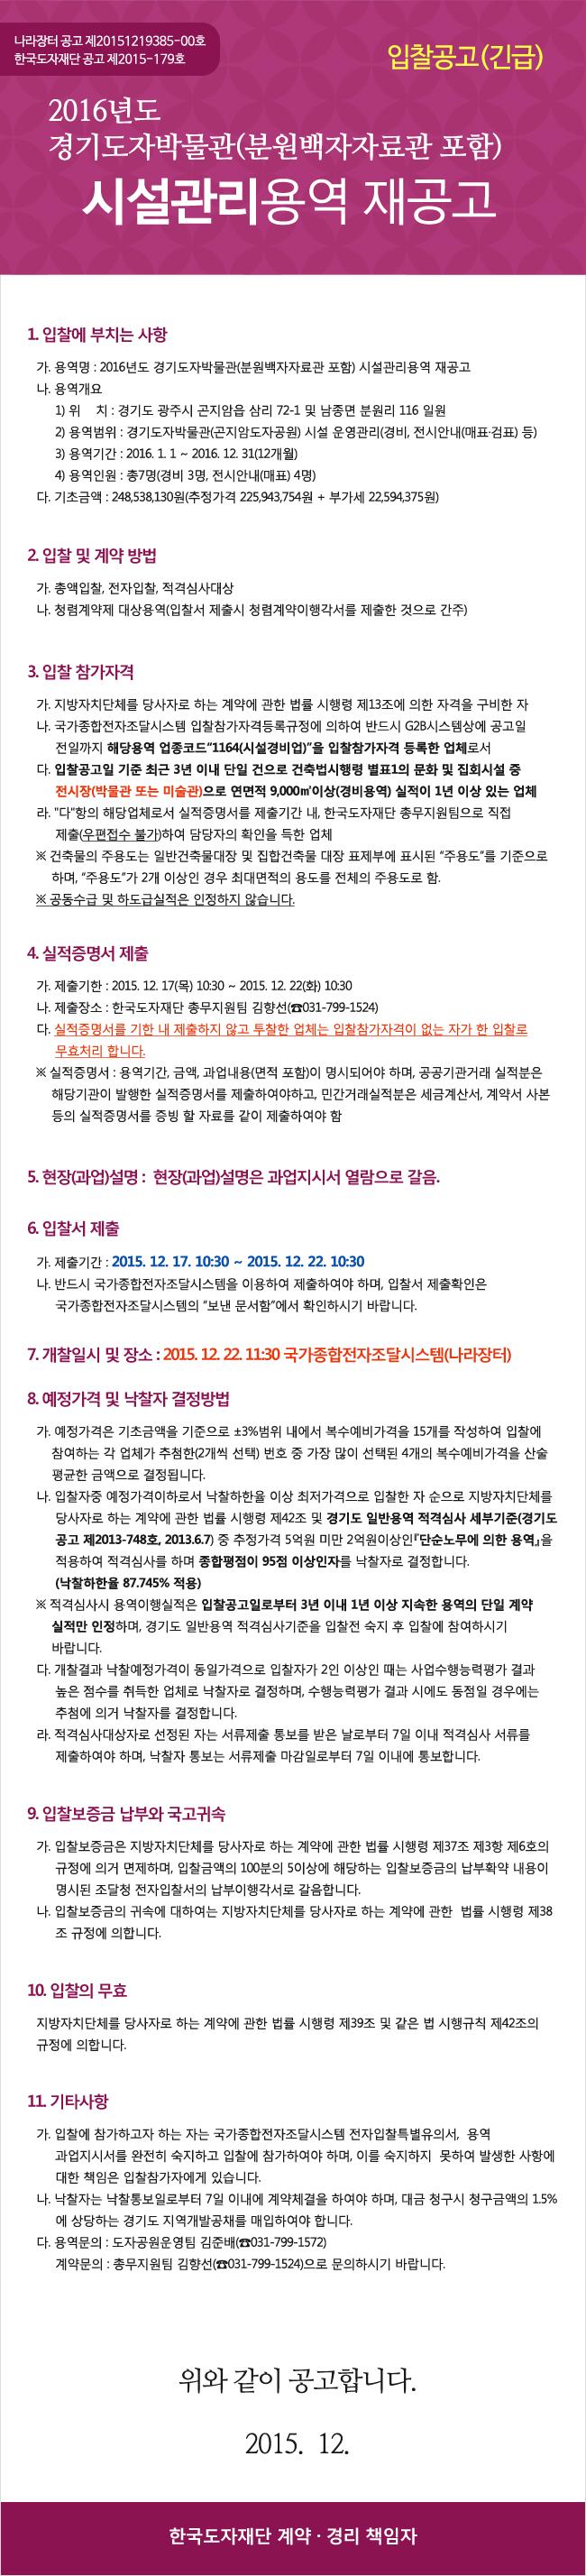 2016년도 경기도자박물관(분원백자자료관 포함) 시설관리용역 재공고